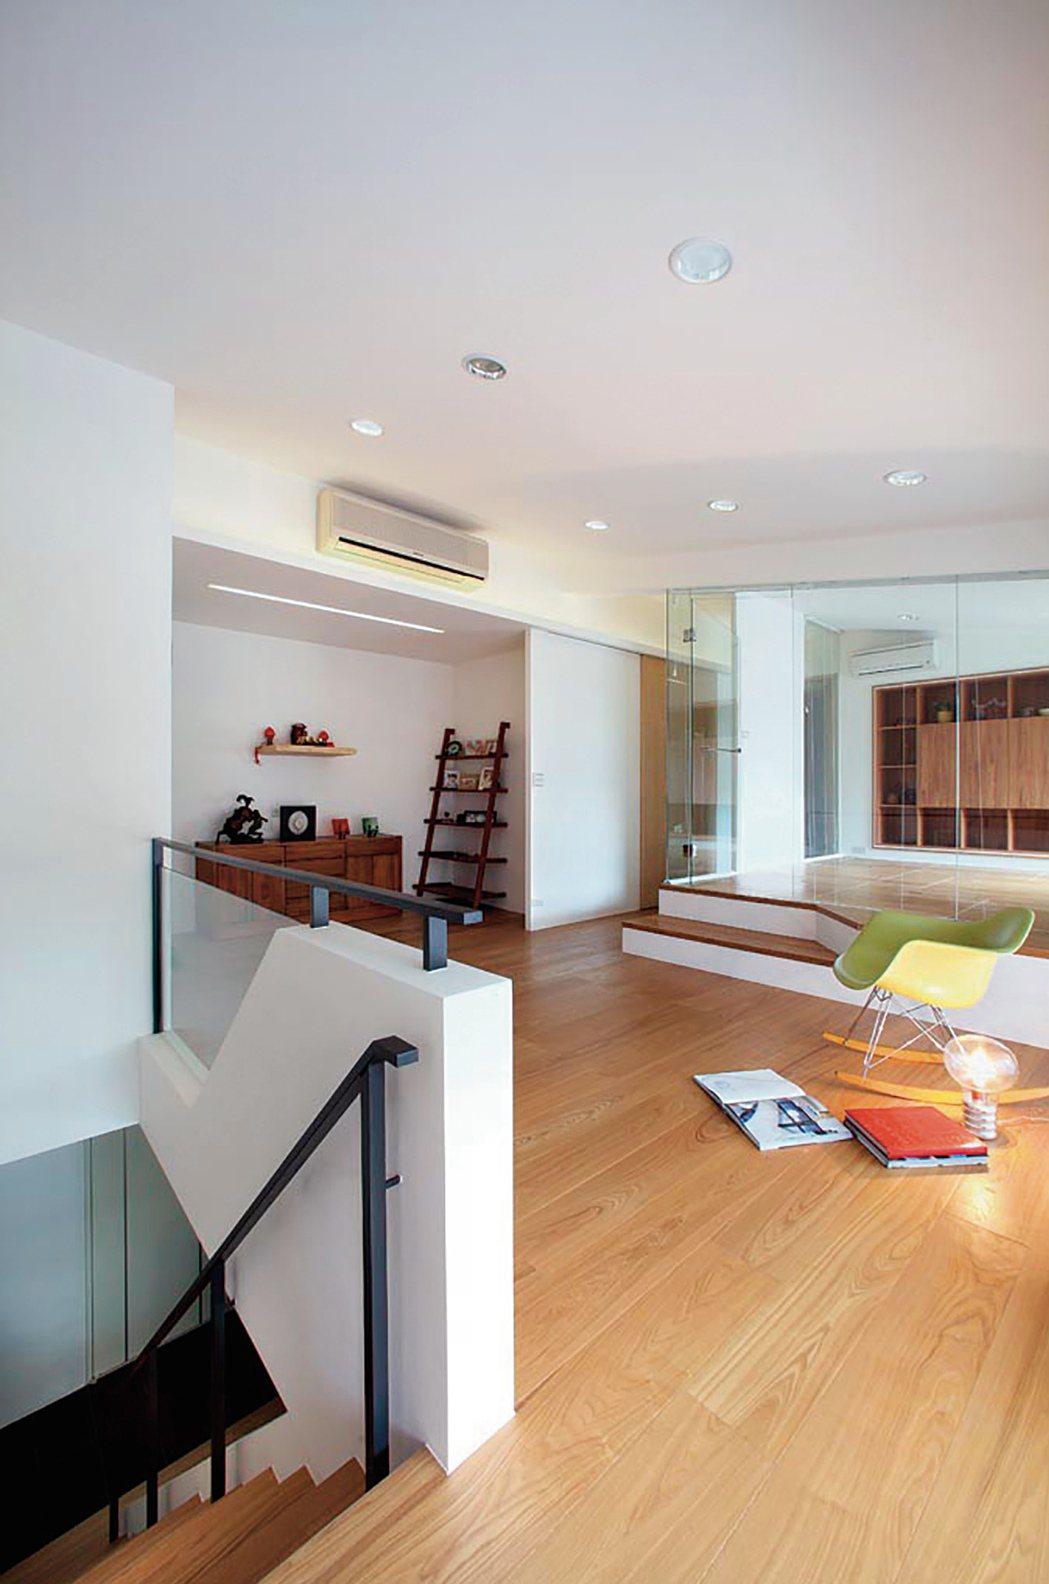 客戶的感受與工作品質很重要,在家另闢工作空間,要留意外界干擾噪音是否太多。 圖/...